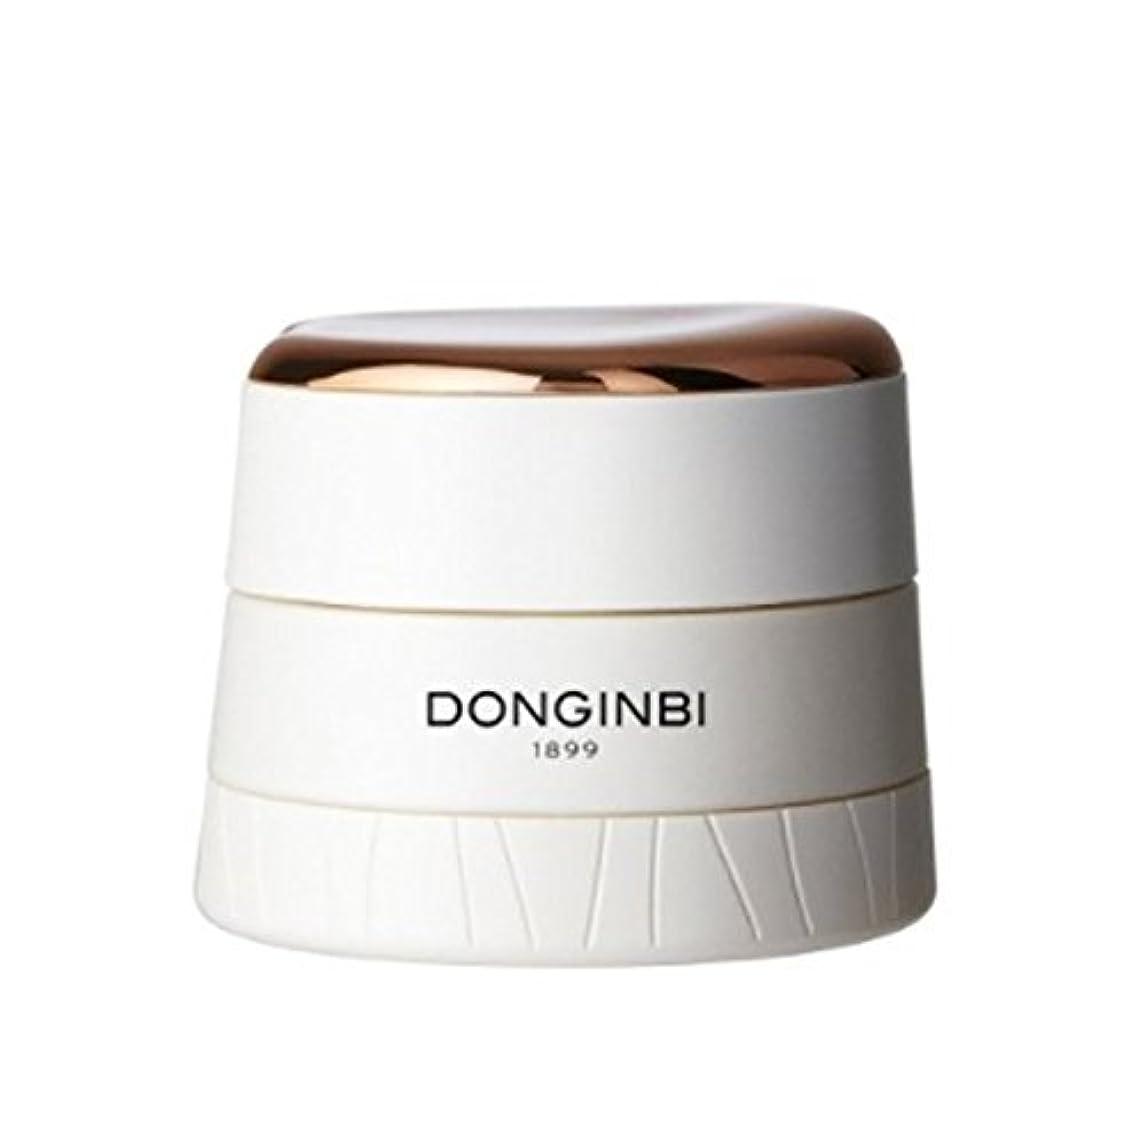 小説家十代フレア[ドンインビ]DONGINBI ドンインビユン クリーム60ml 海外直送品 cream 60ml [並行輸入品]